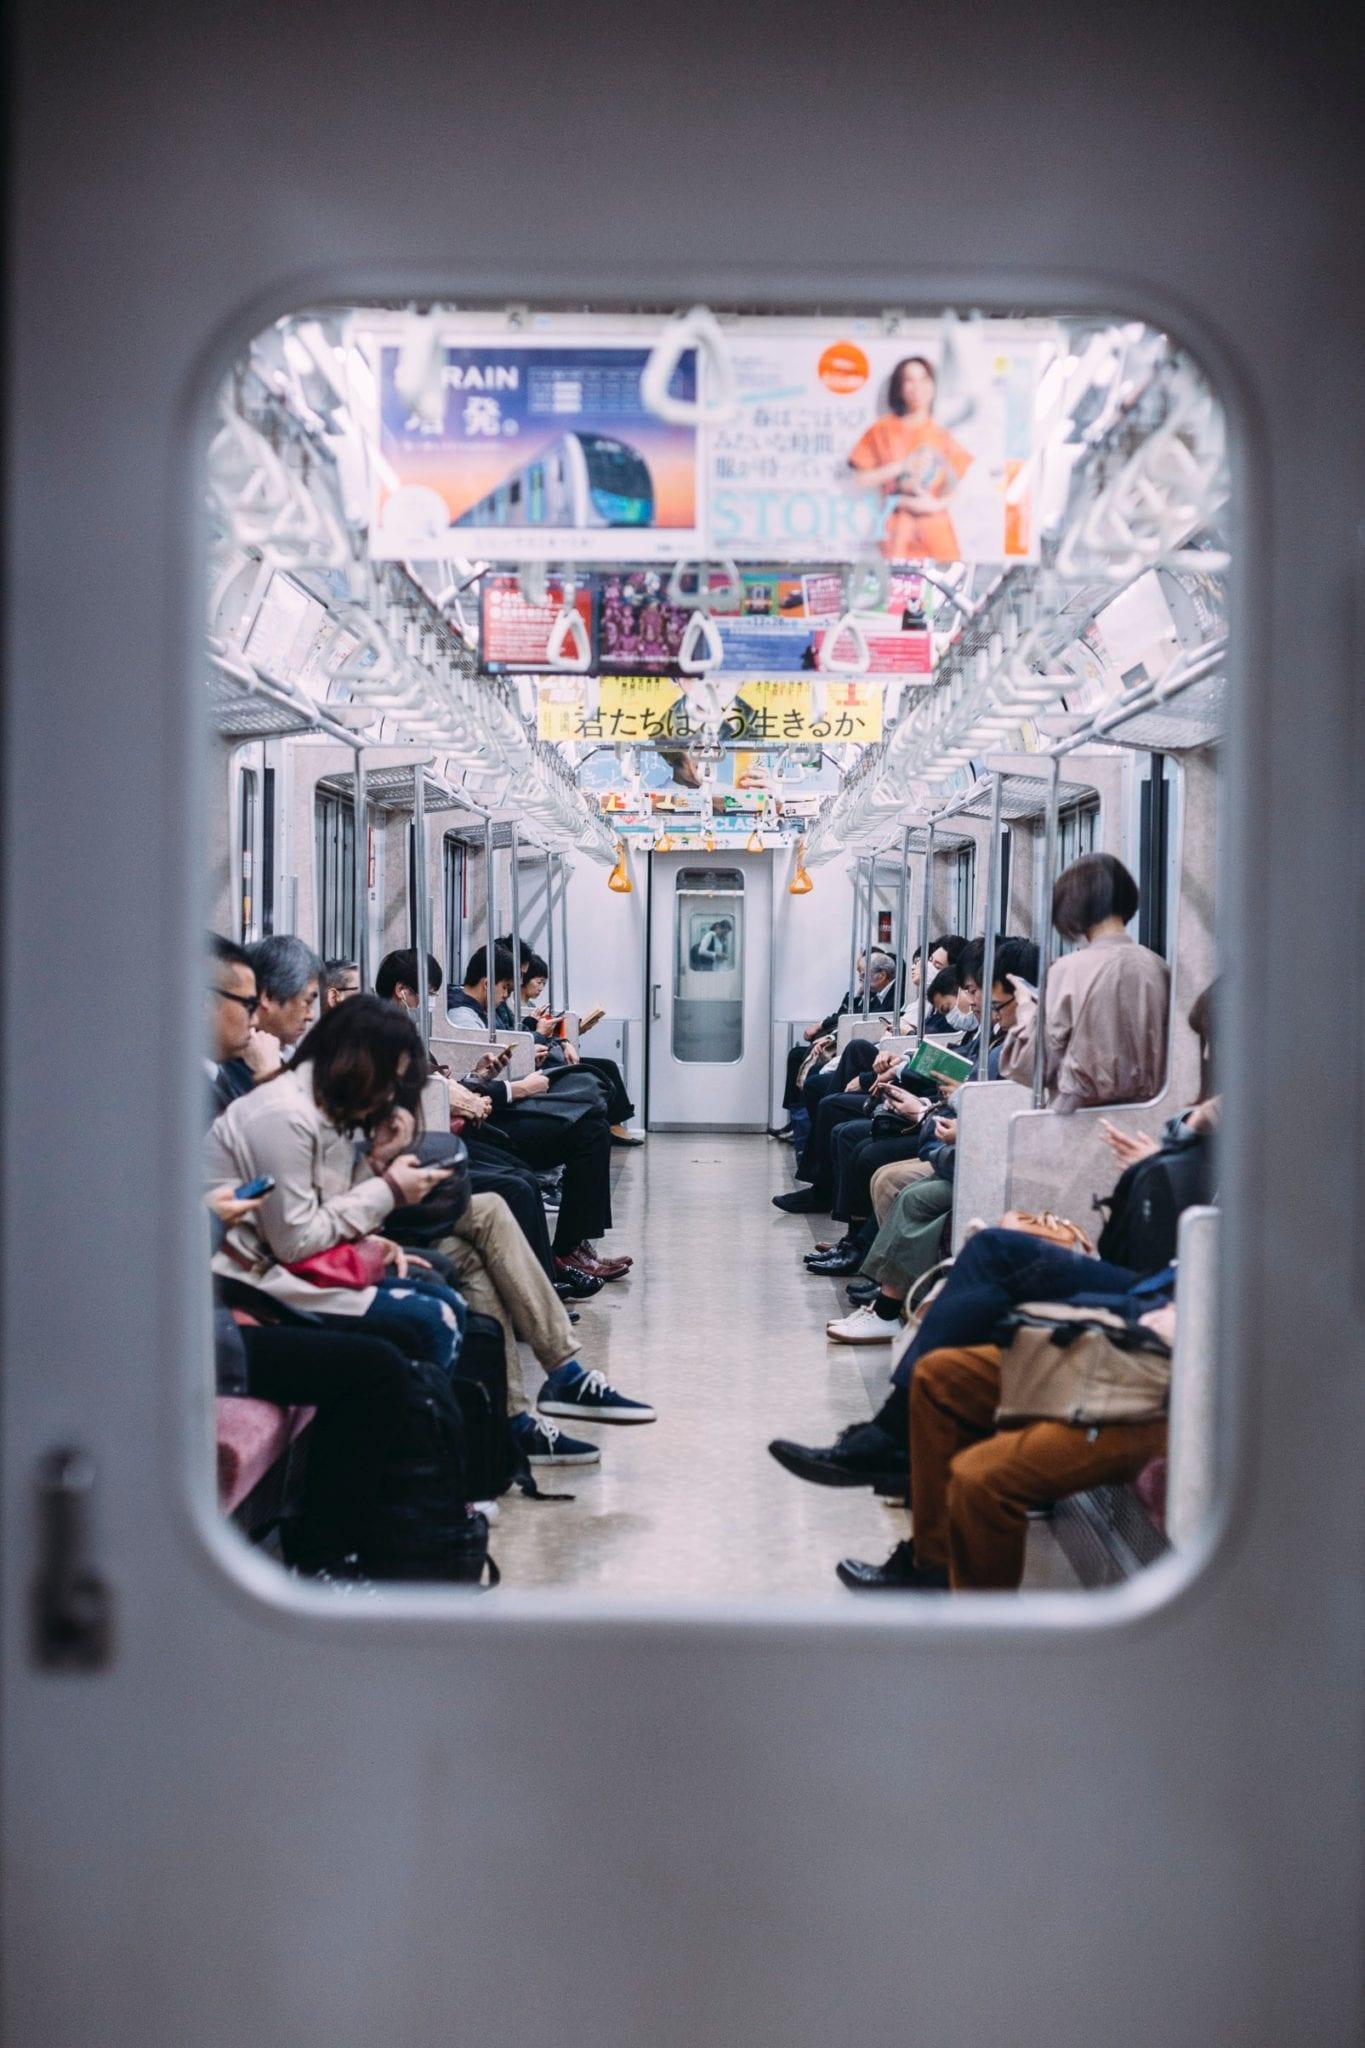 wifi ญี่ปุ่น เที่ยวญี่ปุ่น เที่ยวญี่ปุ่นด้วยตัวเอง ฟรี wifi